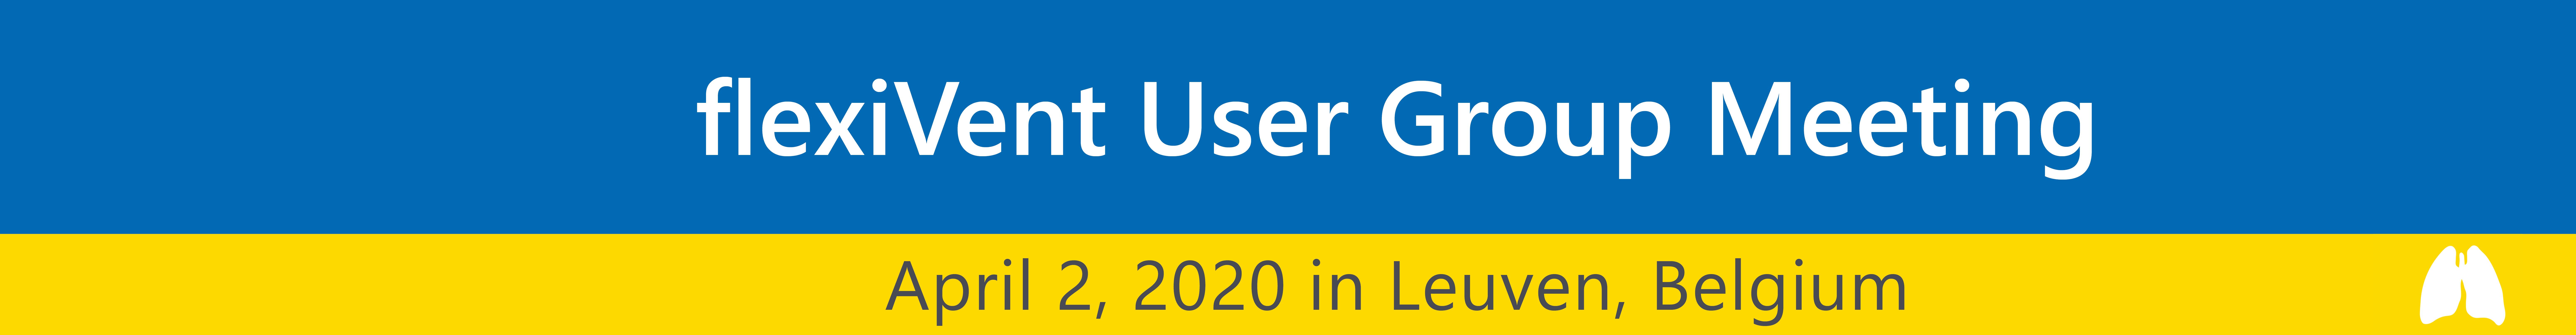 Header-UGM 2020-large-1